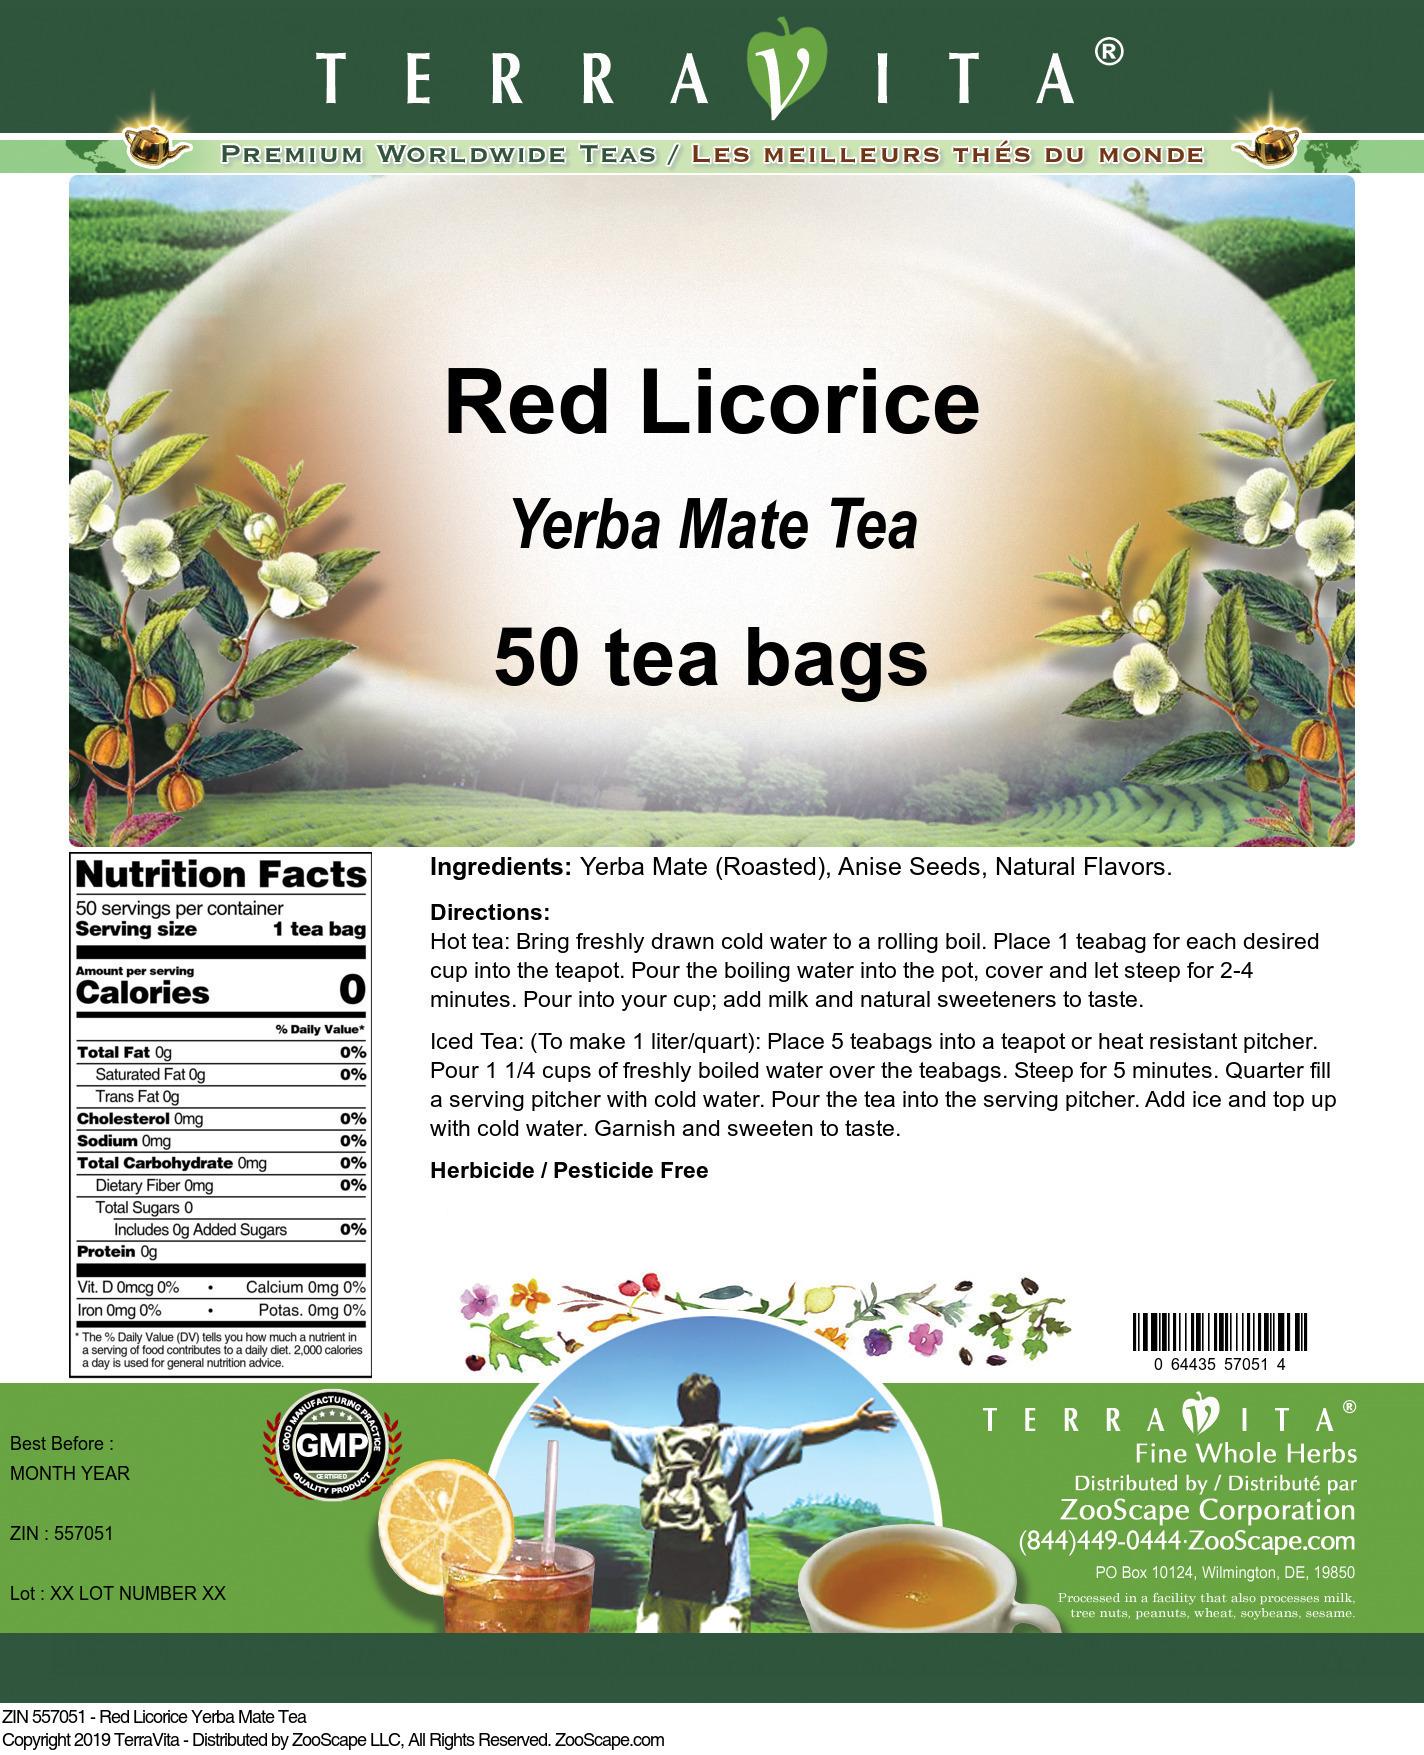 Red Licorice Yerba Mate Tea